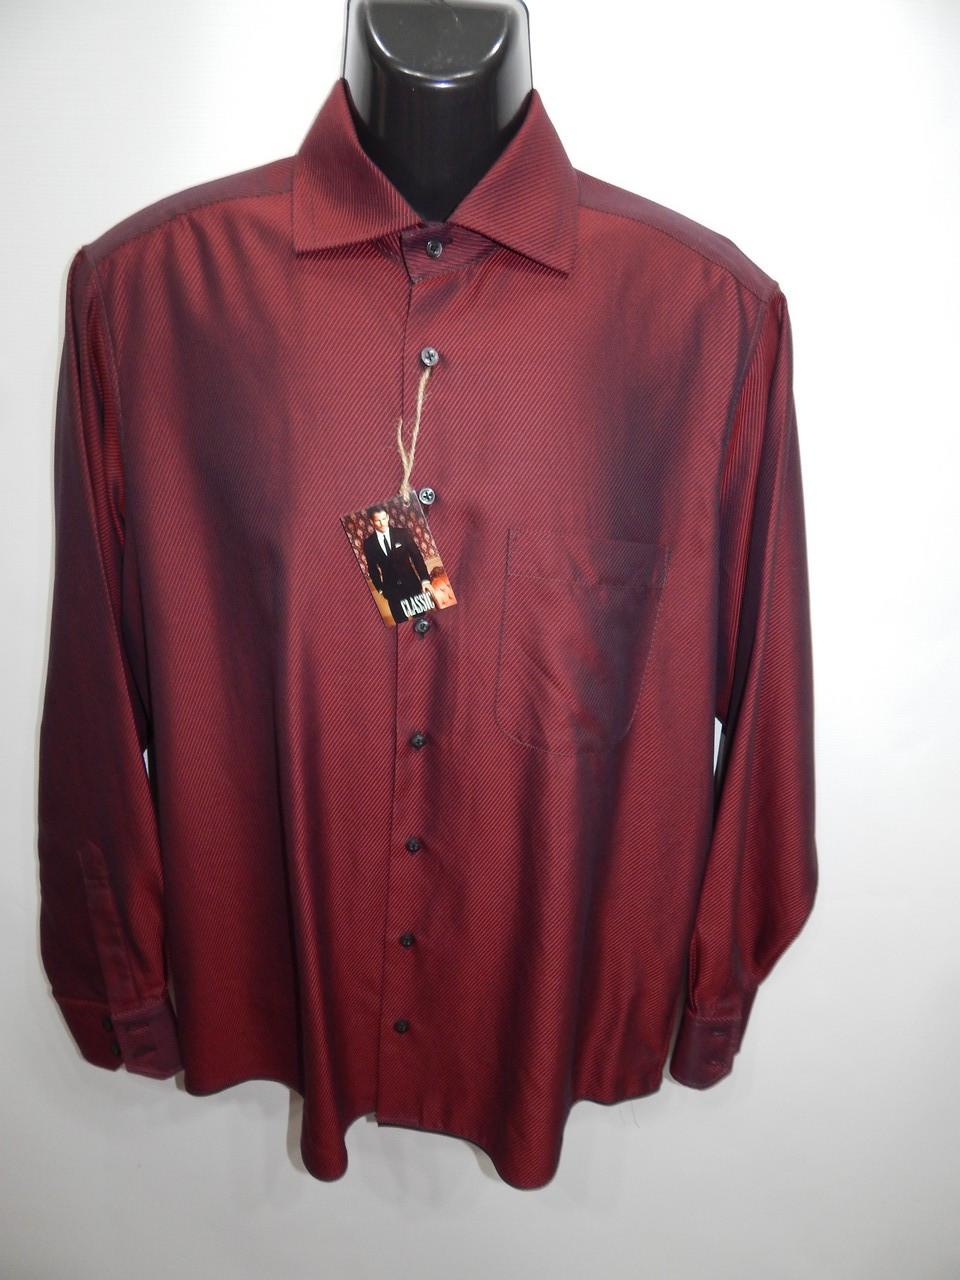 Мужская рубашка с длинным рукавом Estobe 087ДР р.50